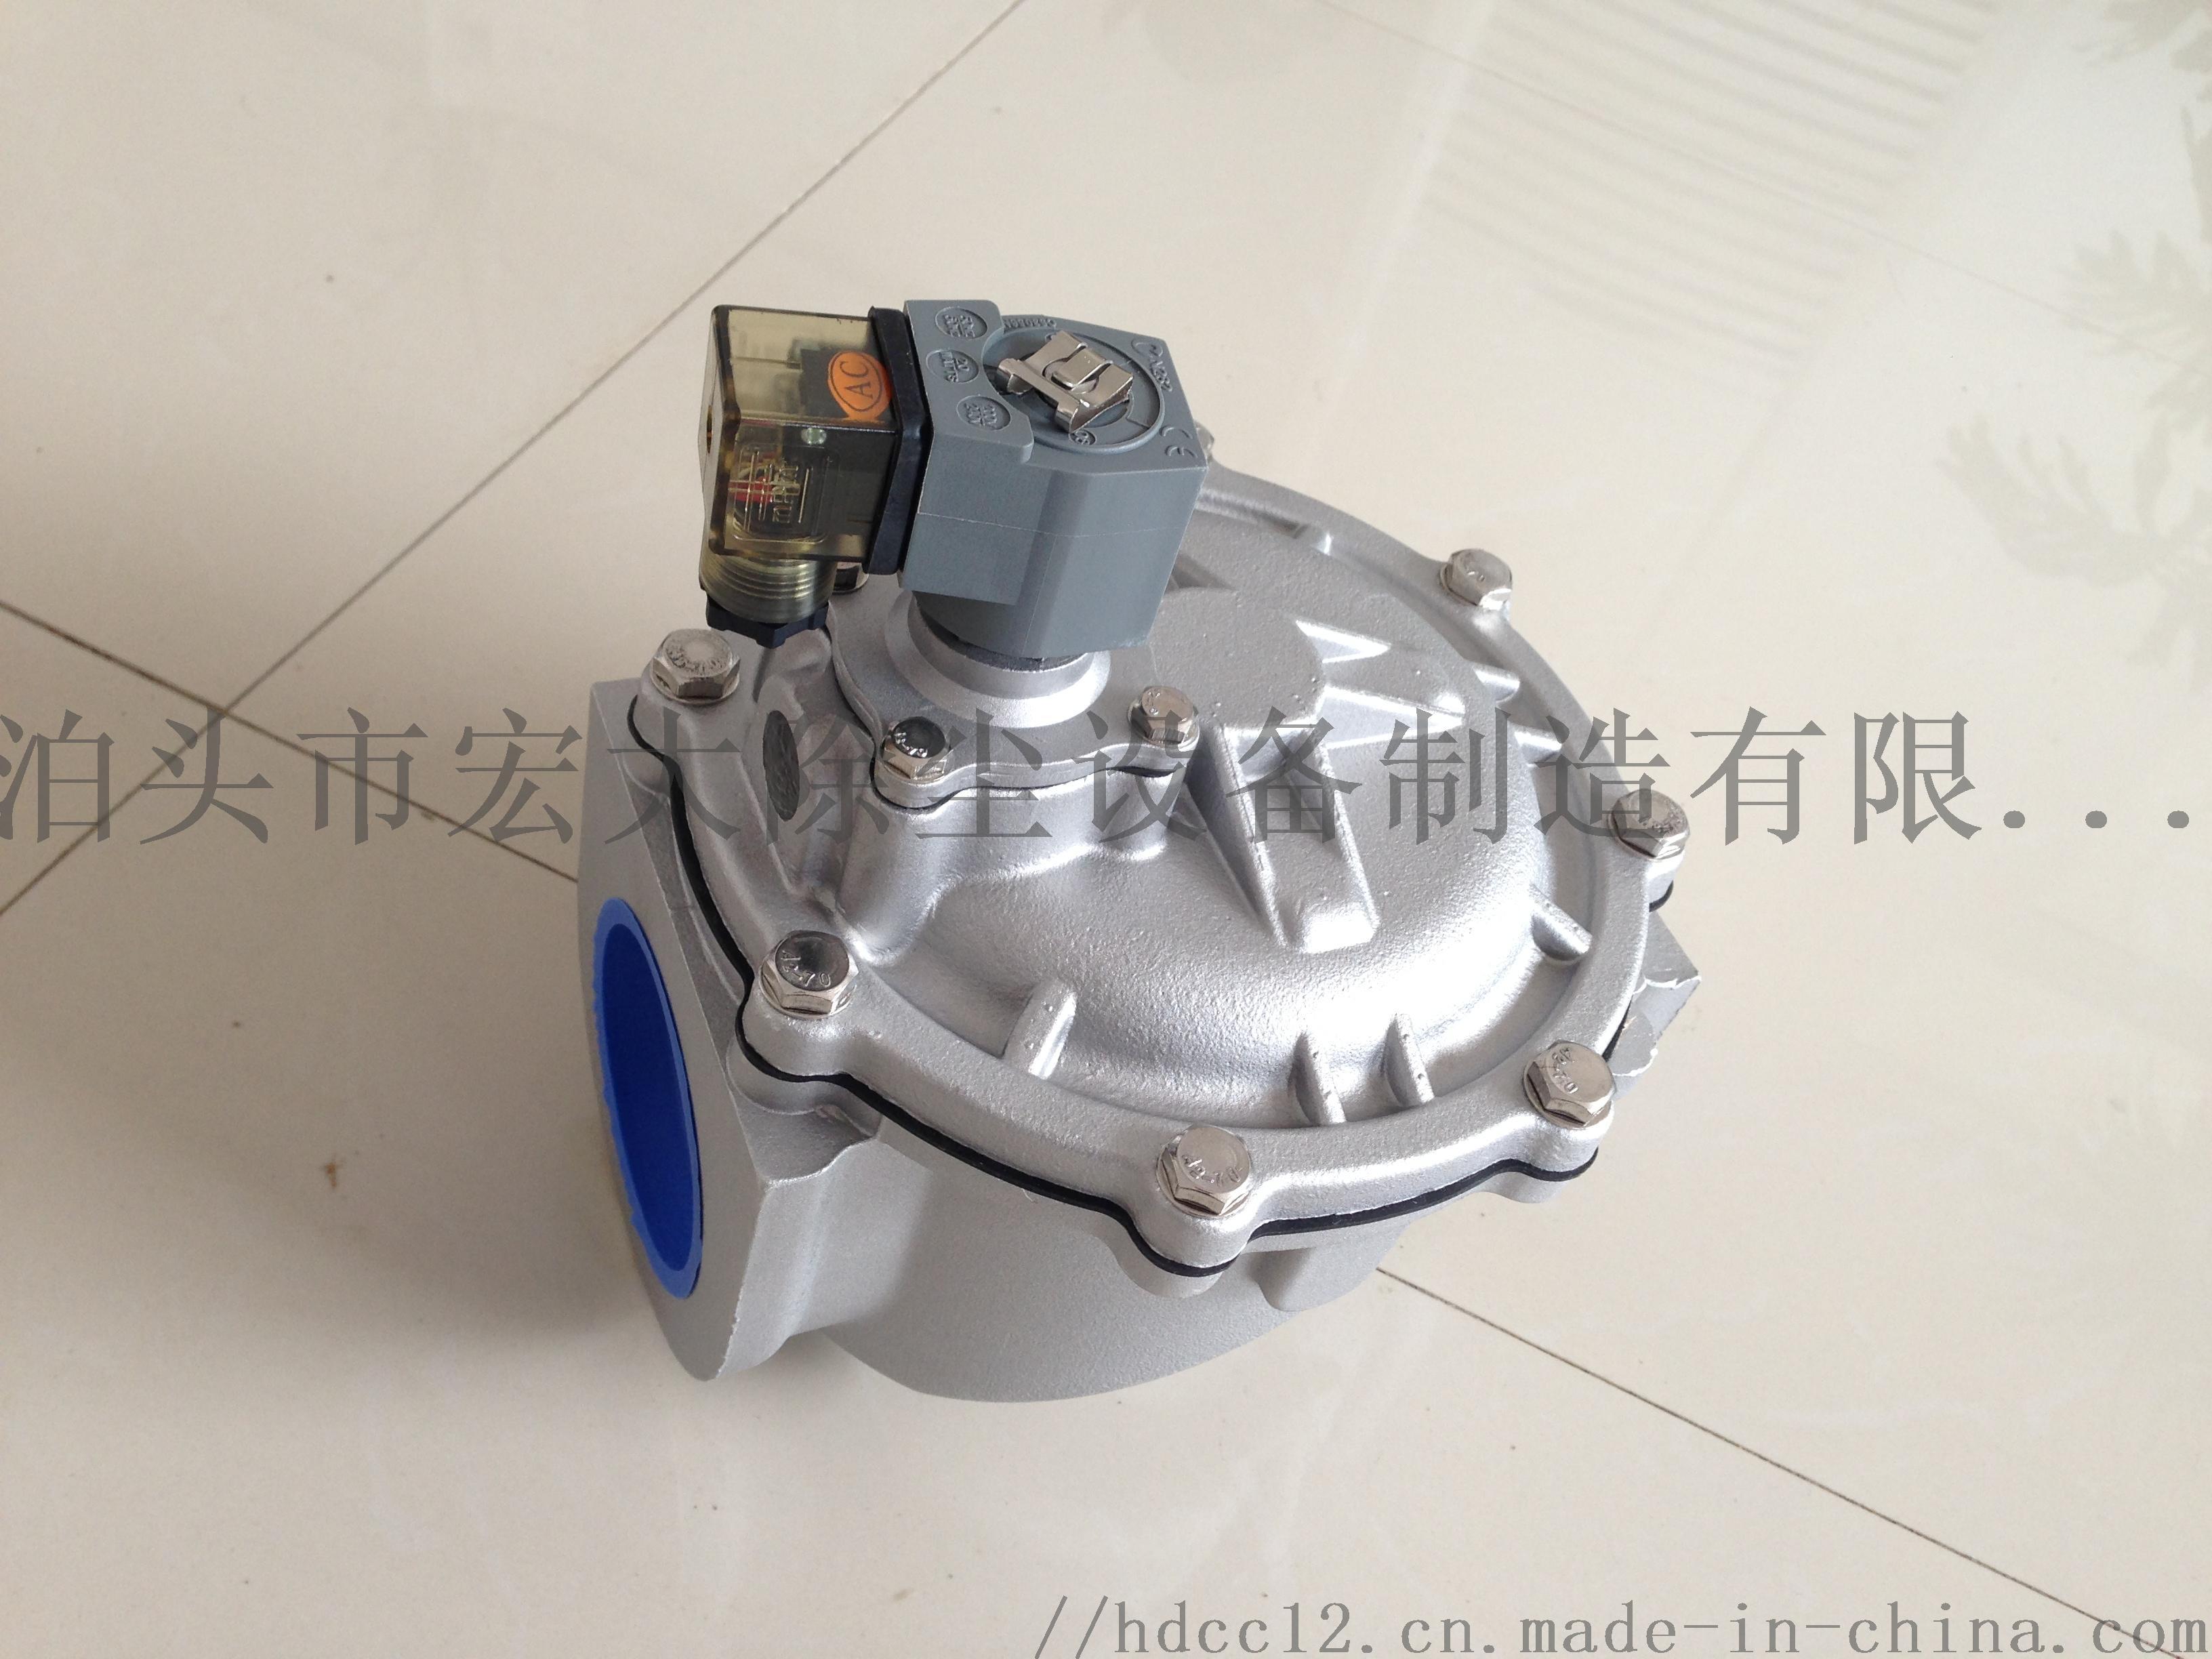 小通径直动式电磁阀 直动式电磁阀 小通径电磁阀850735532